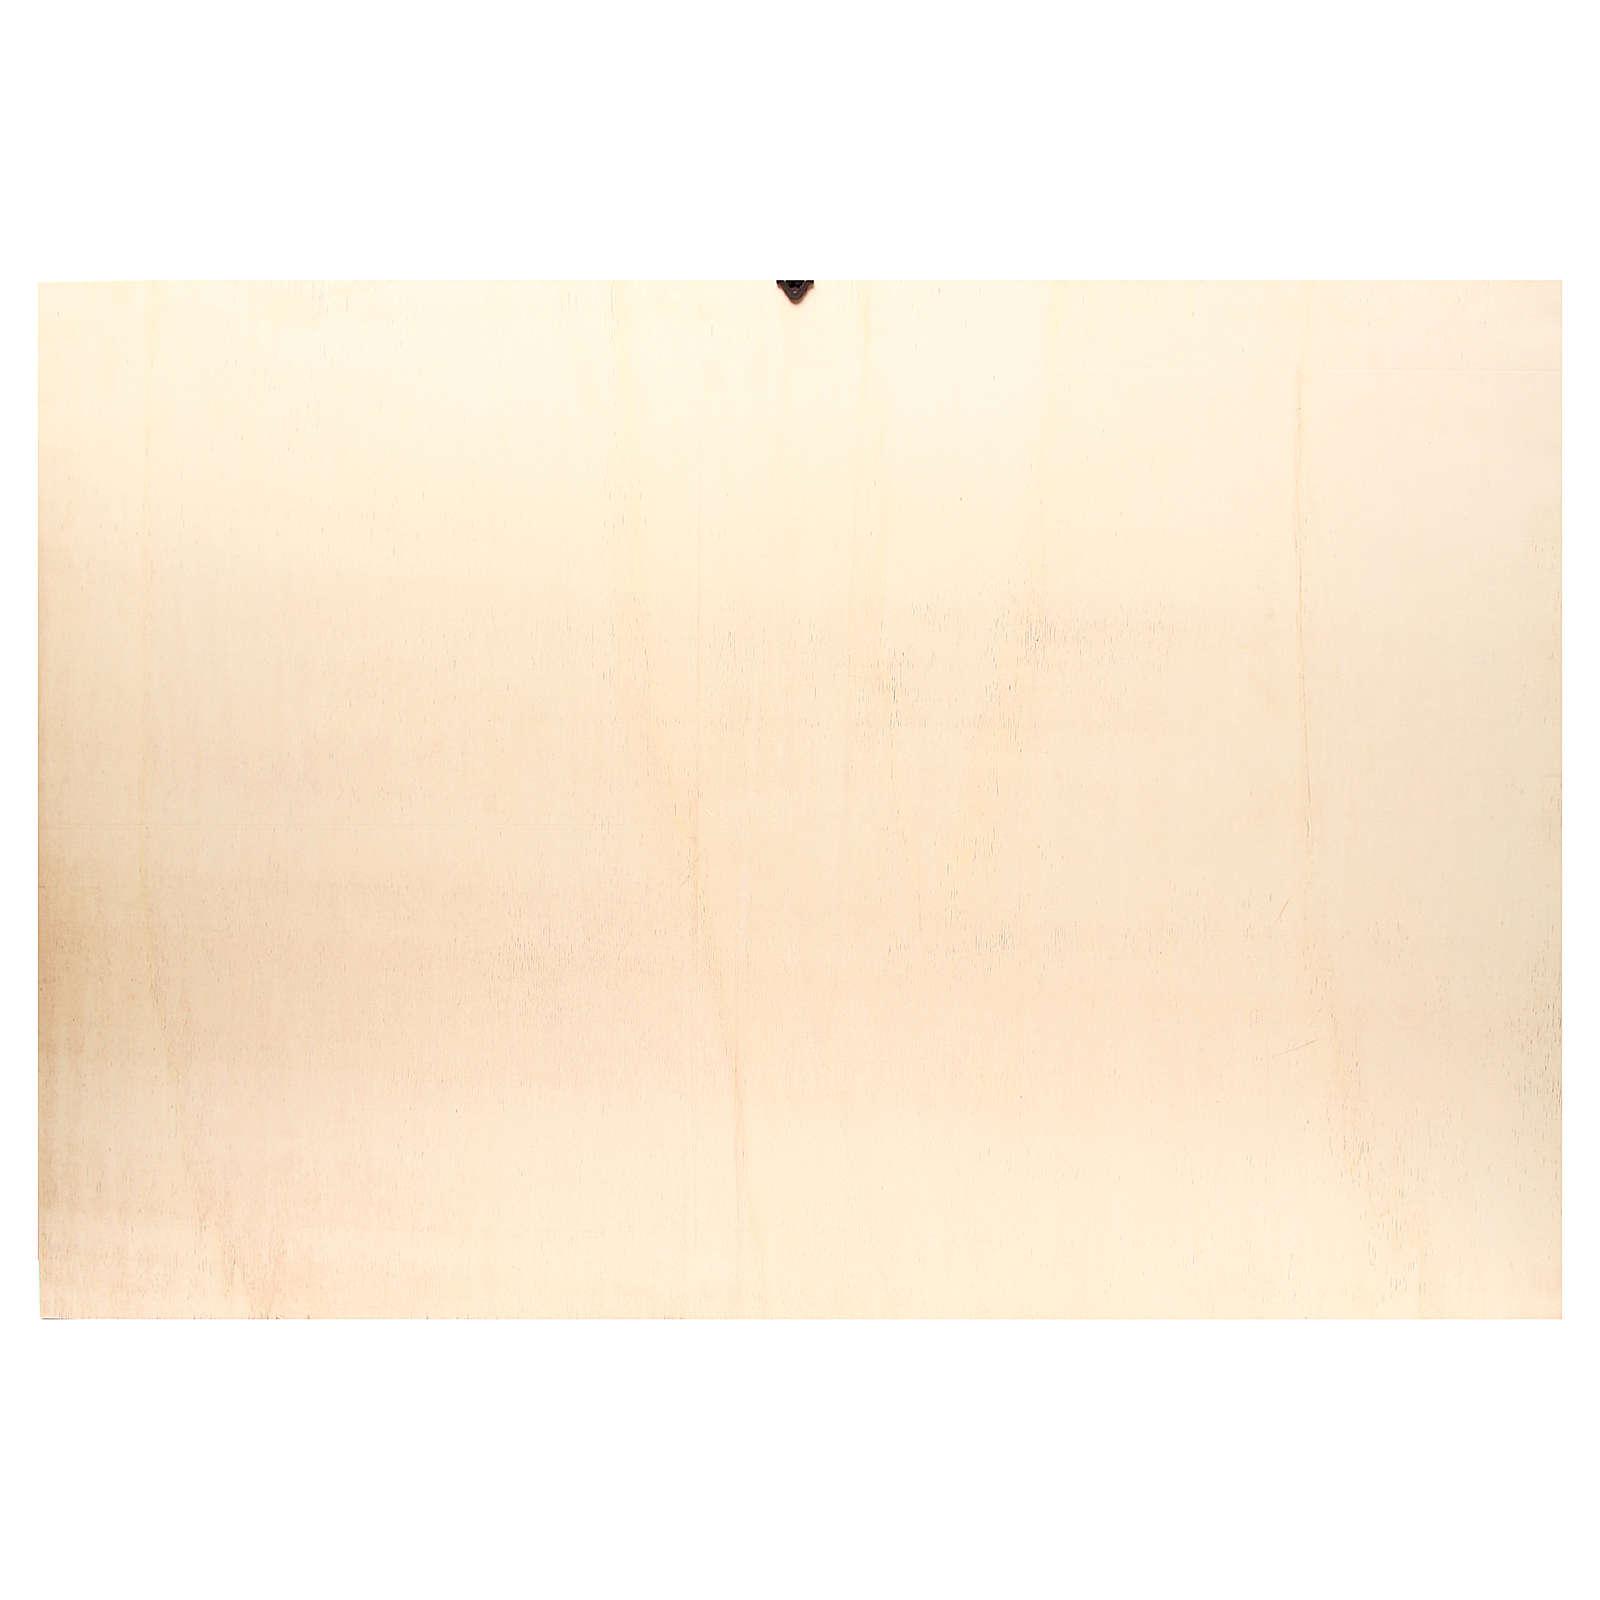 Fondale presepe legno paesaggio arabo 100x68cm 4